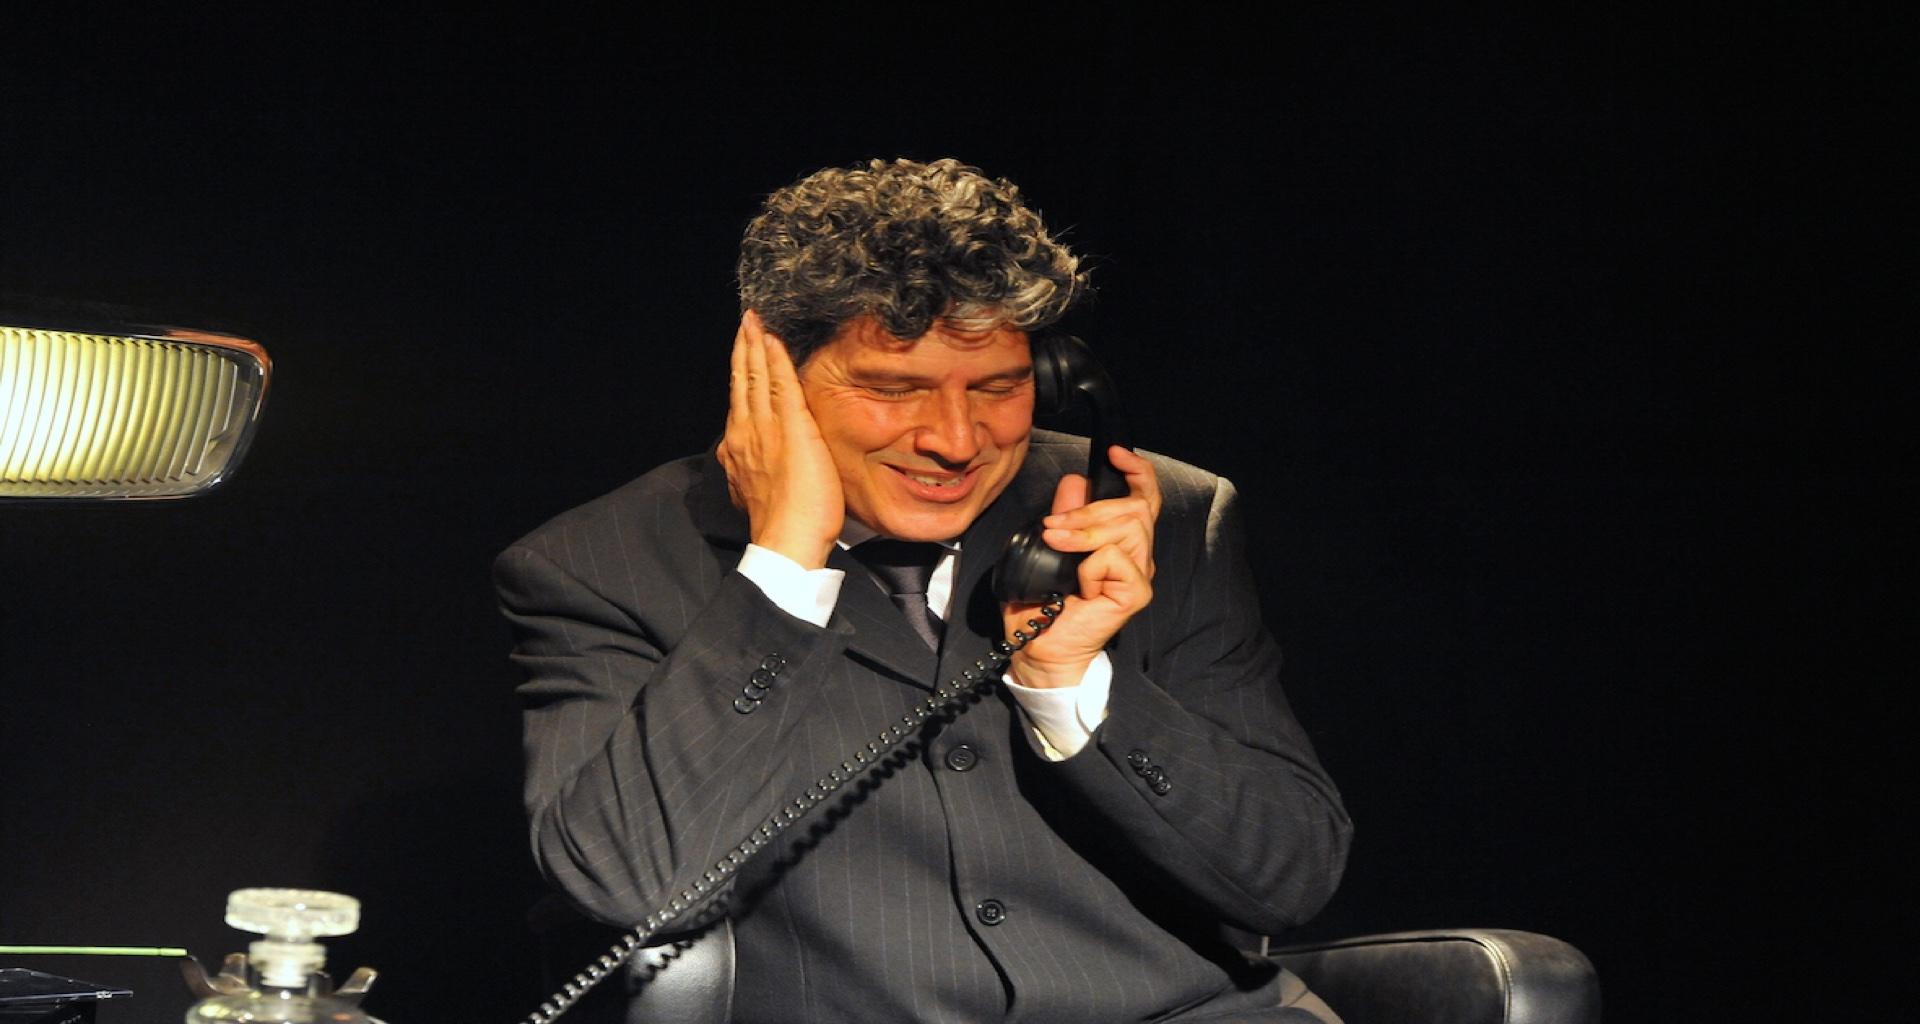 """Galatone al Teatro unale """"Io amo il mio lavoro"""" un monologo diretto da Tommaso Rotella"""